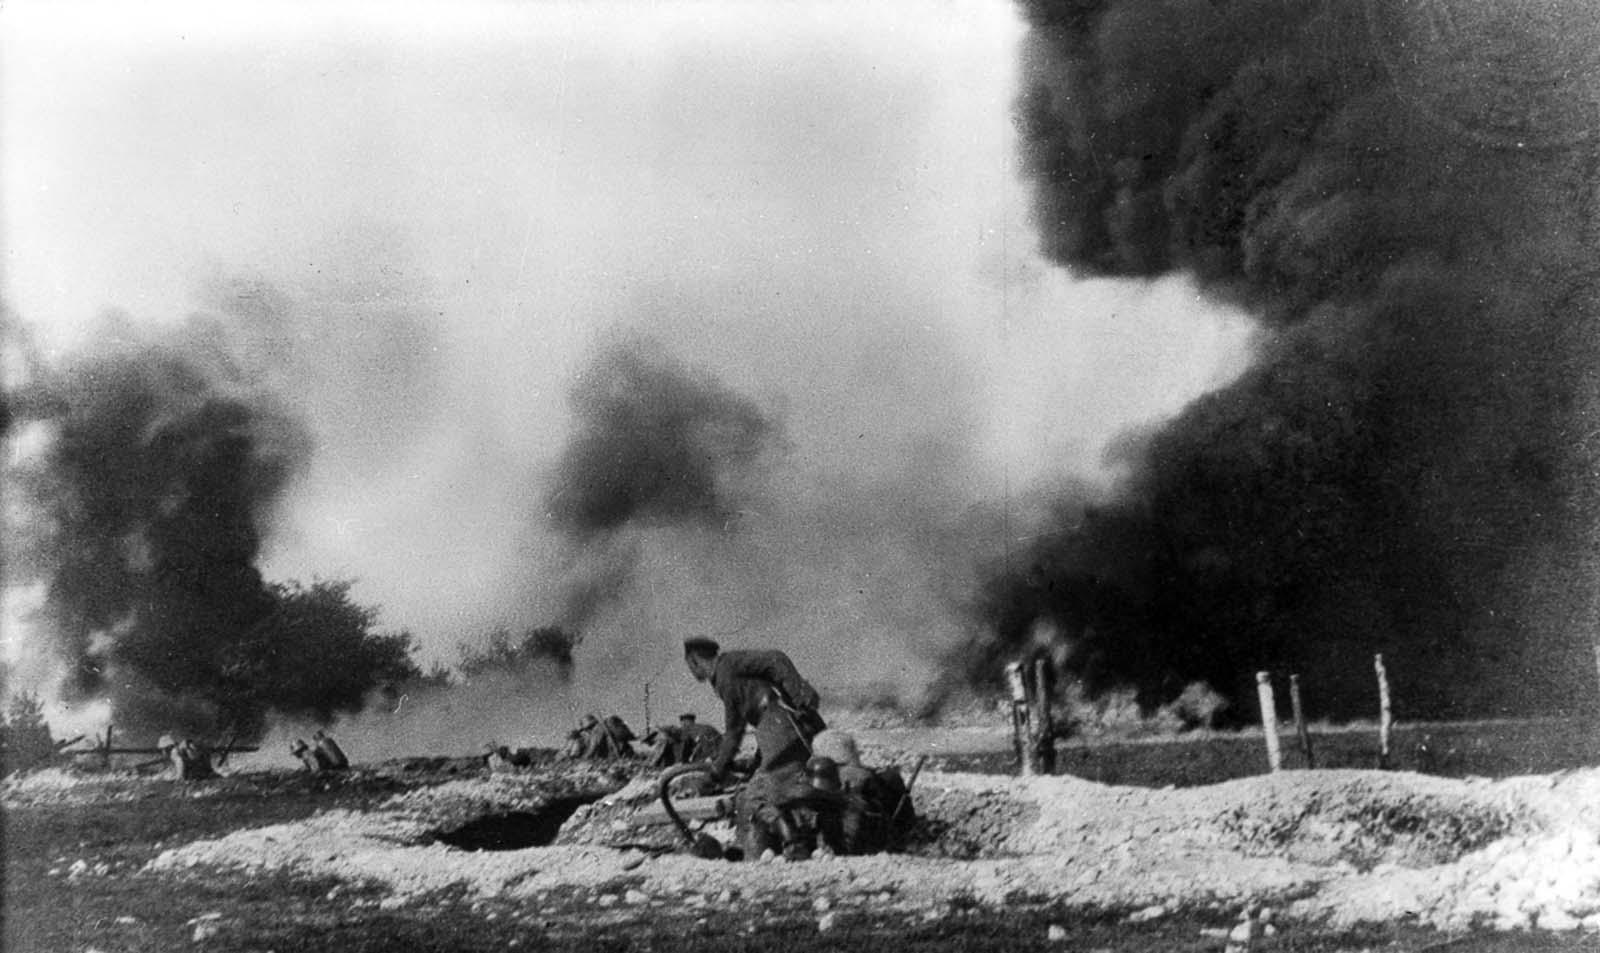 German flamethrower troops in combat. 1916.